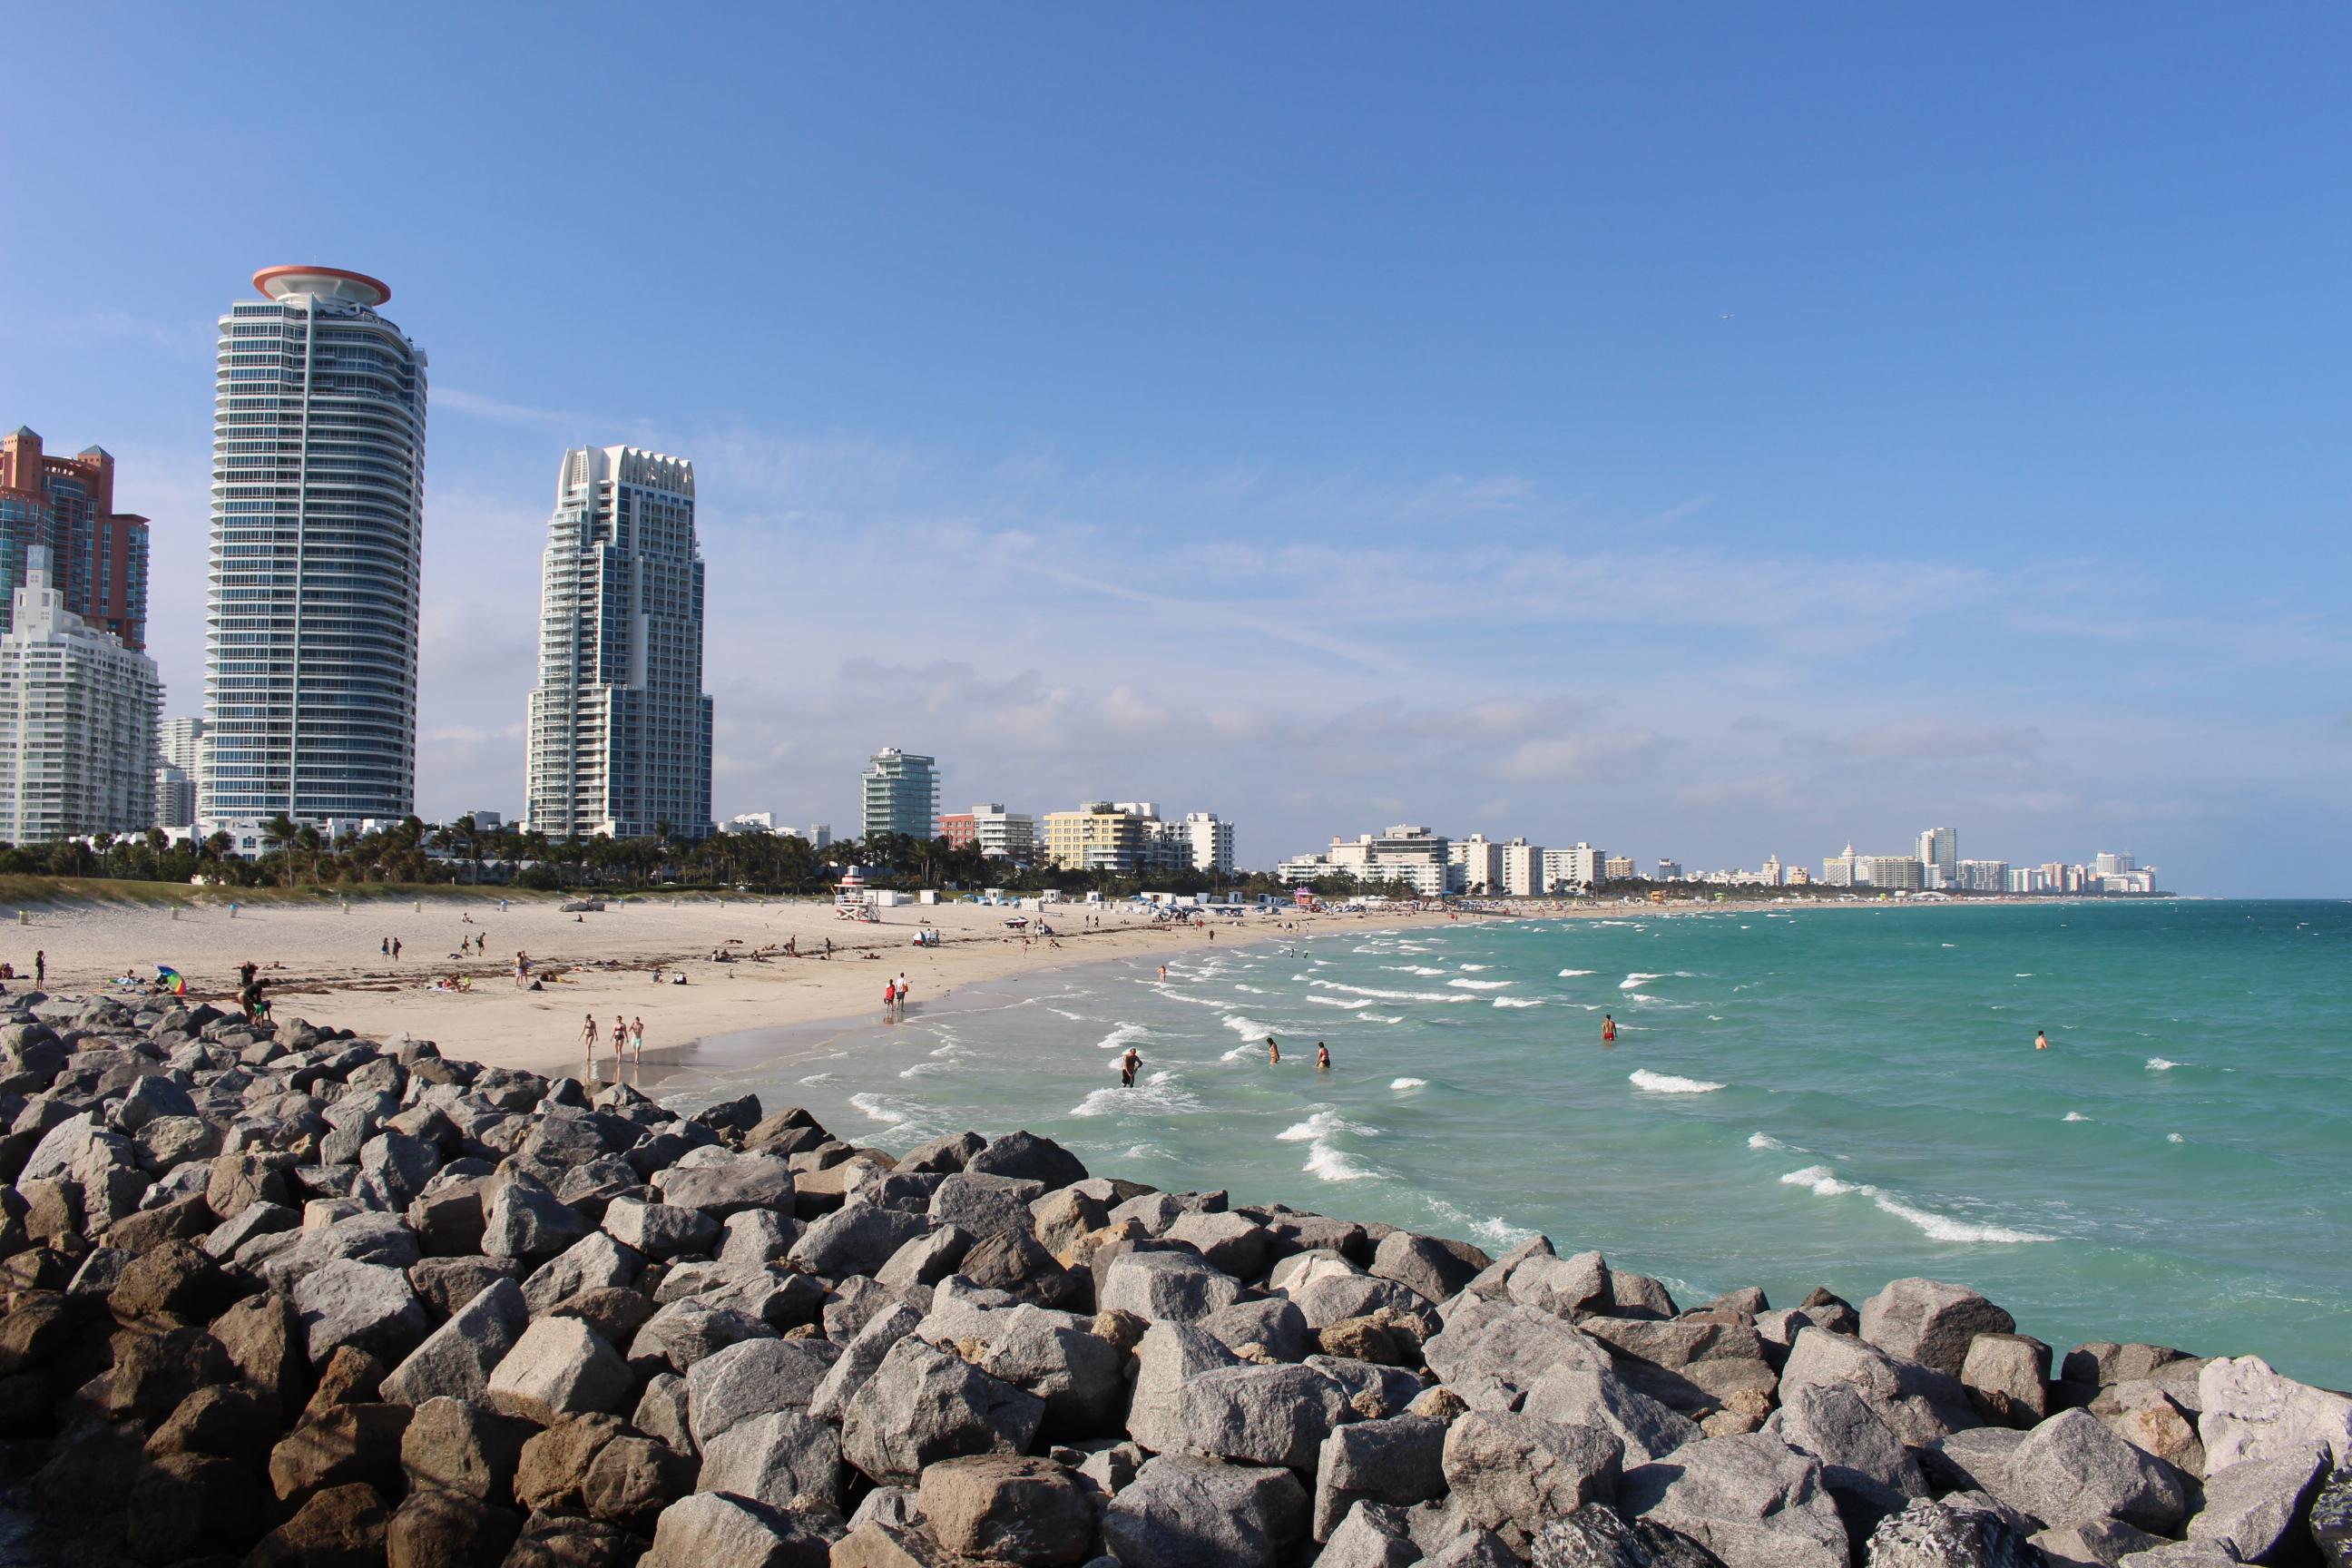 SouthBeach-SOBE-South-Point-Park-Beach-Florida-USA-Miami-USA